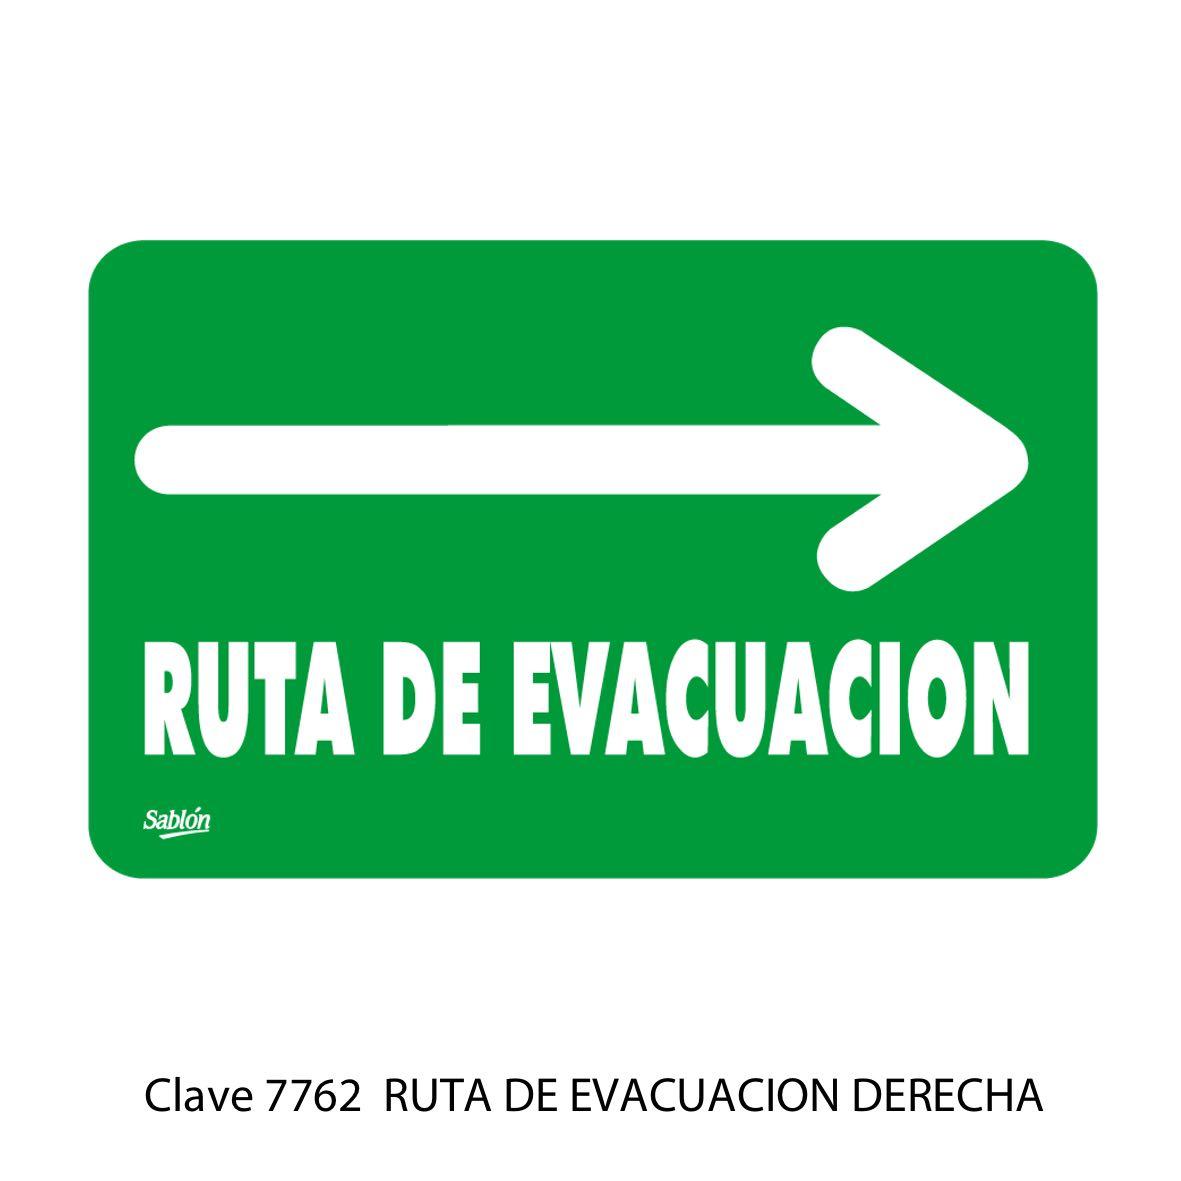 Señal Ruta de Evacuación Flecha a la Derecha Modelo 7762 - Sablón